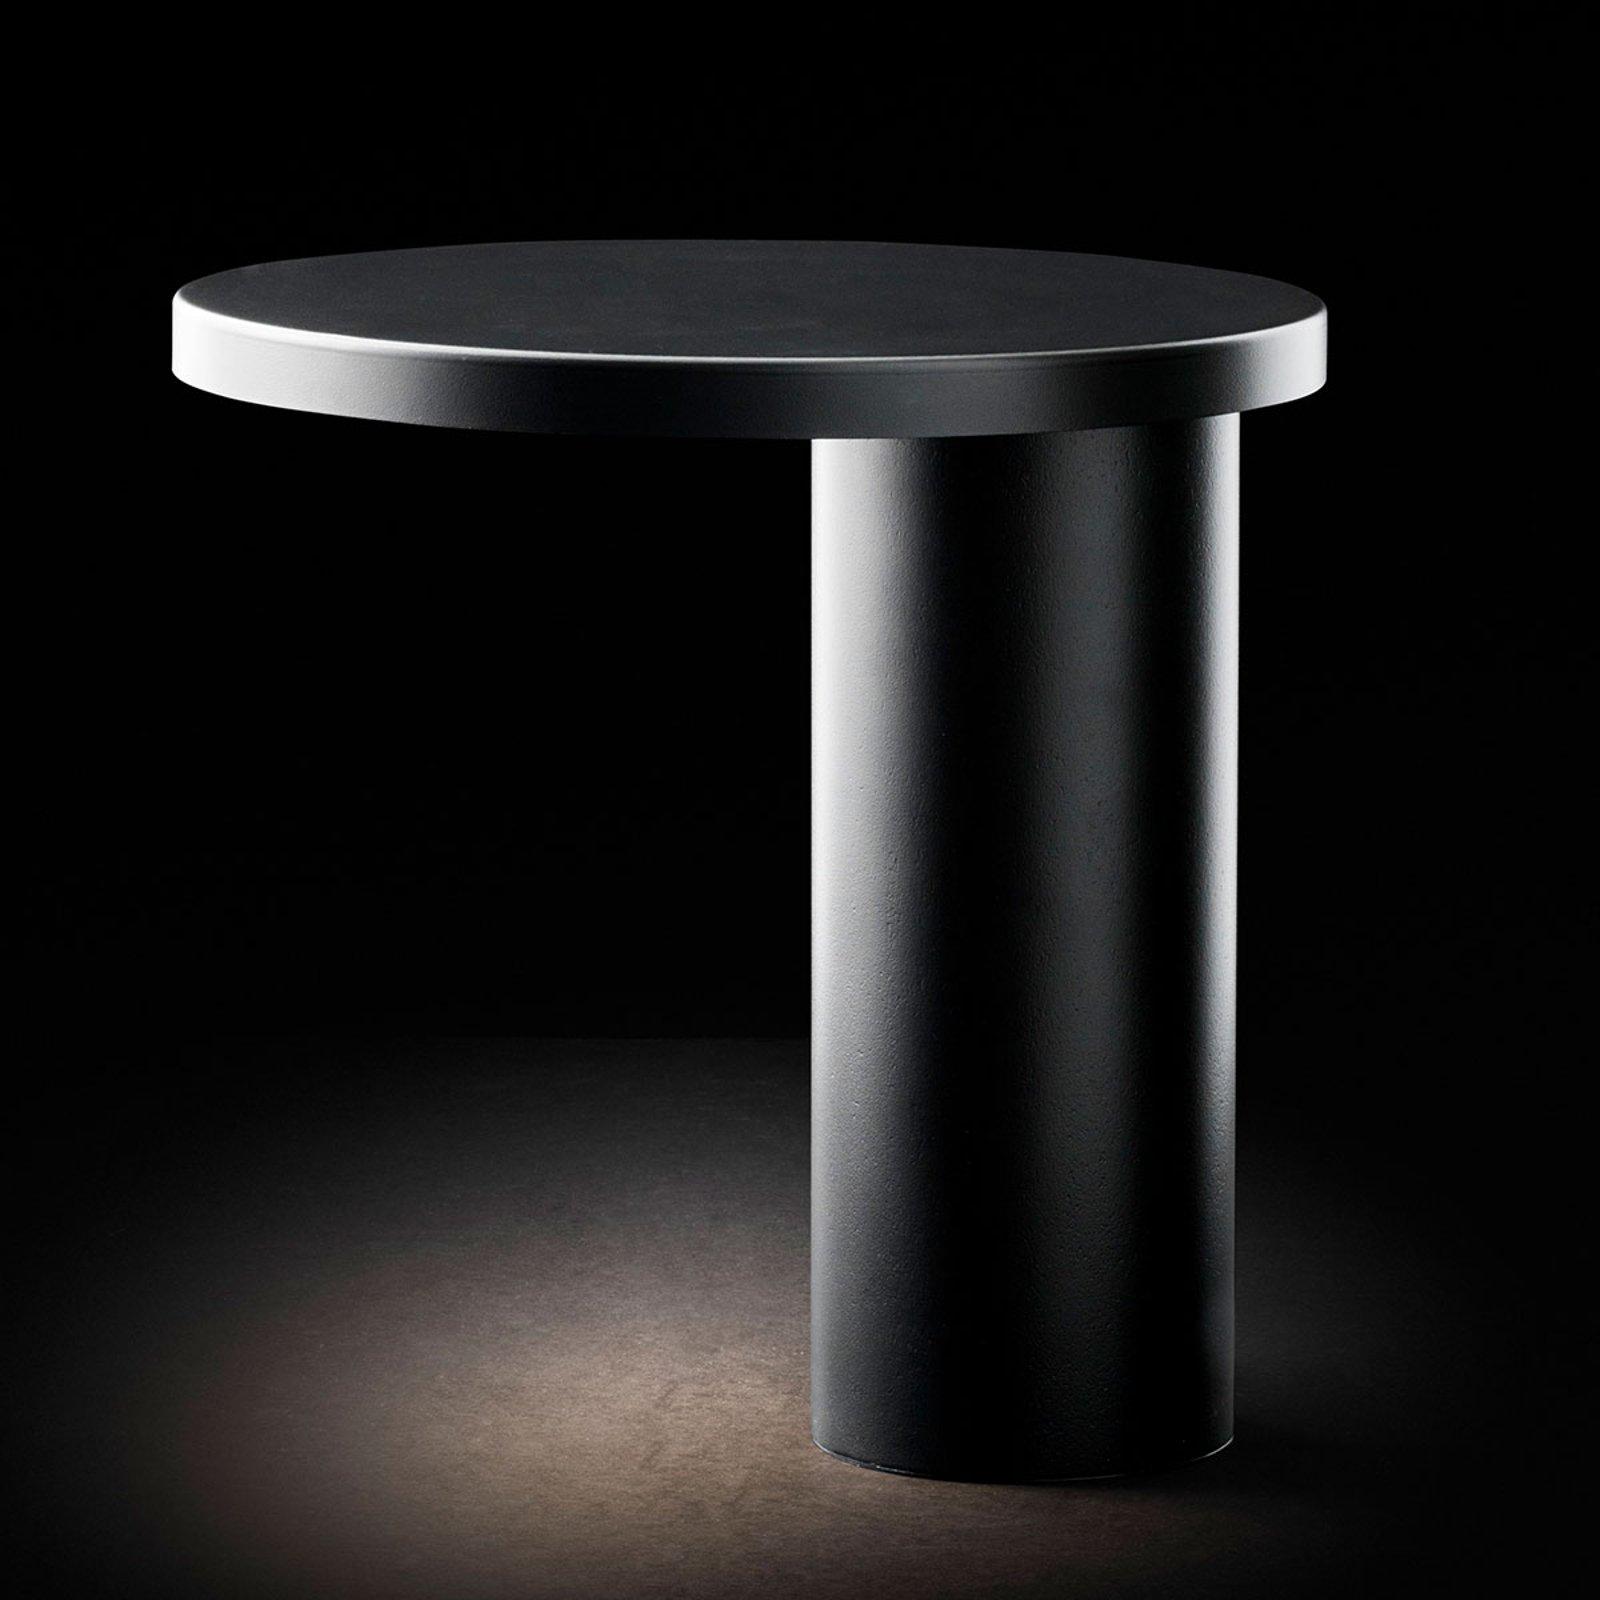 Oluce Cylinda LED-bordlampe, svart